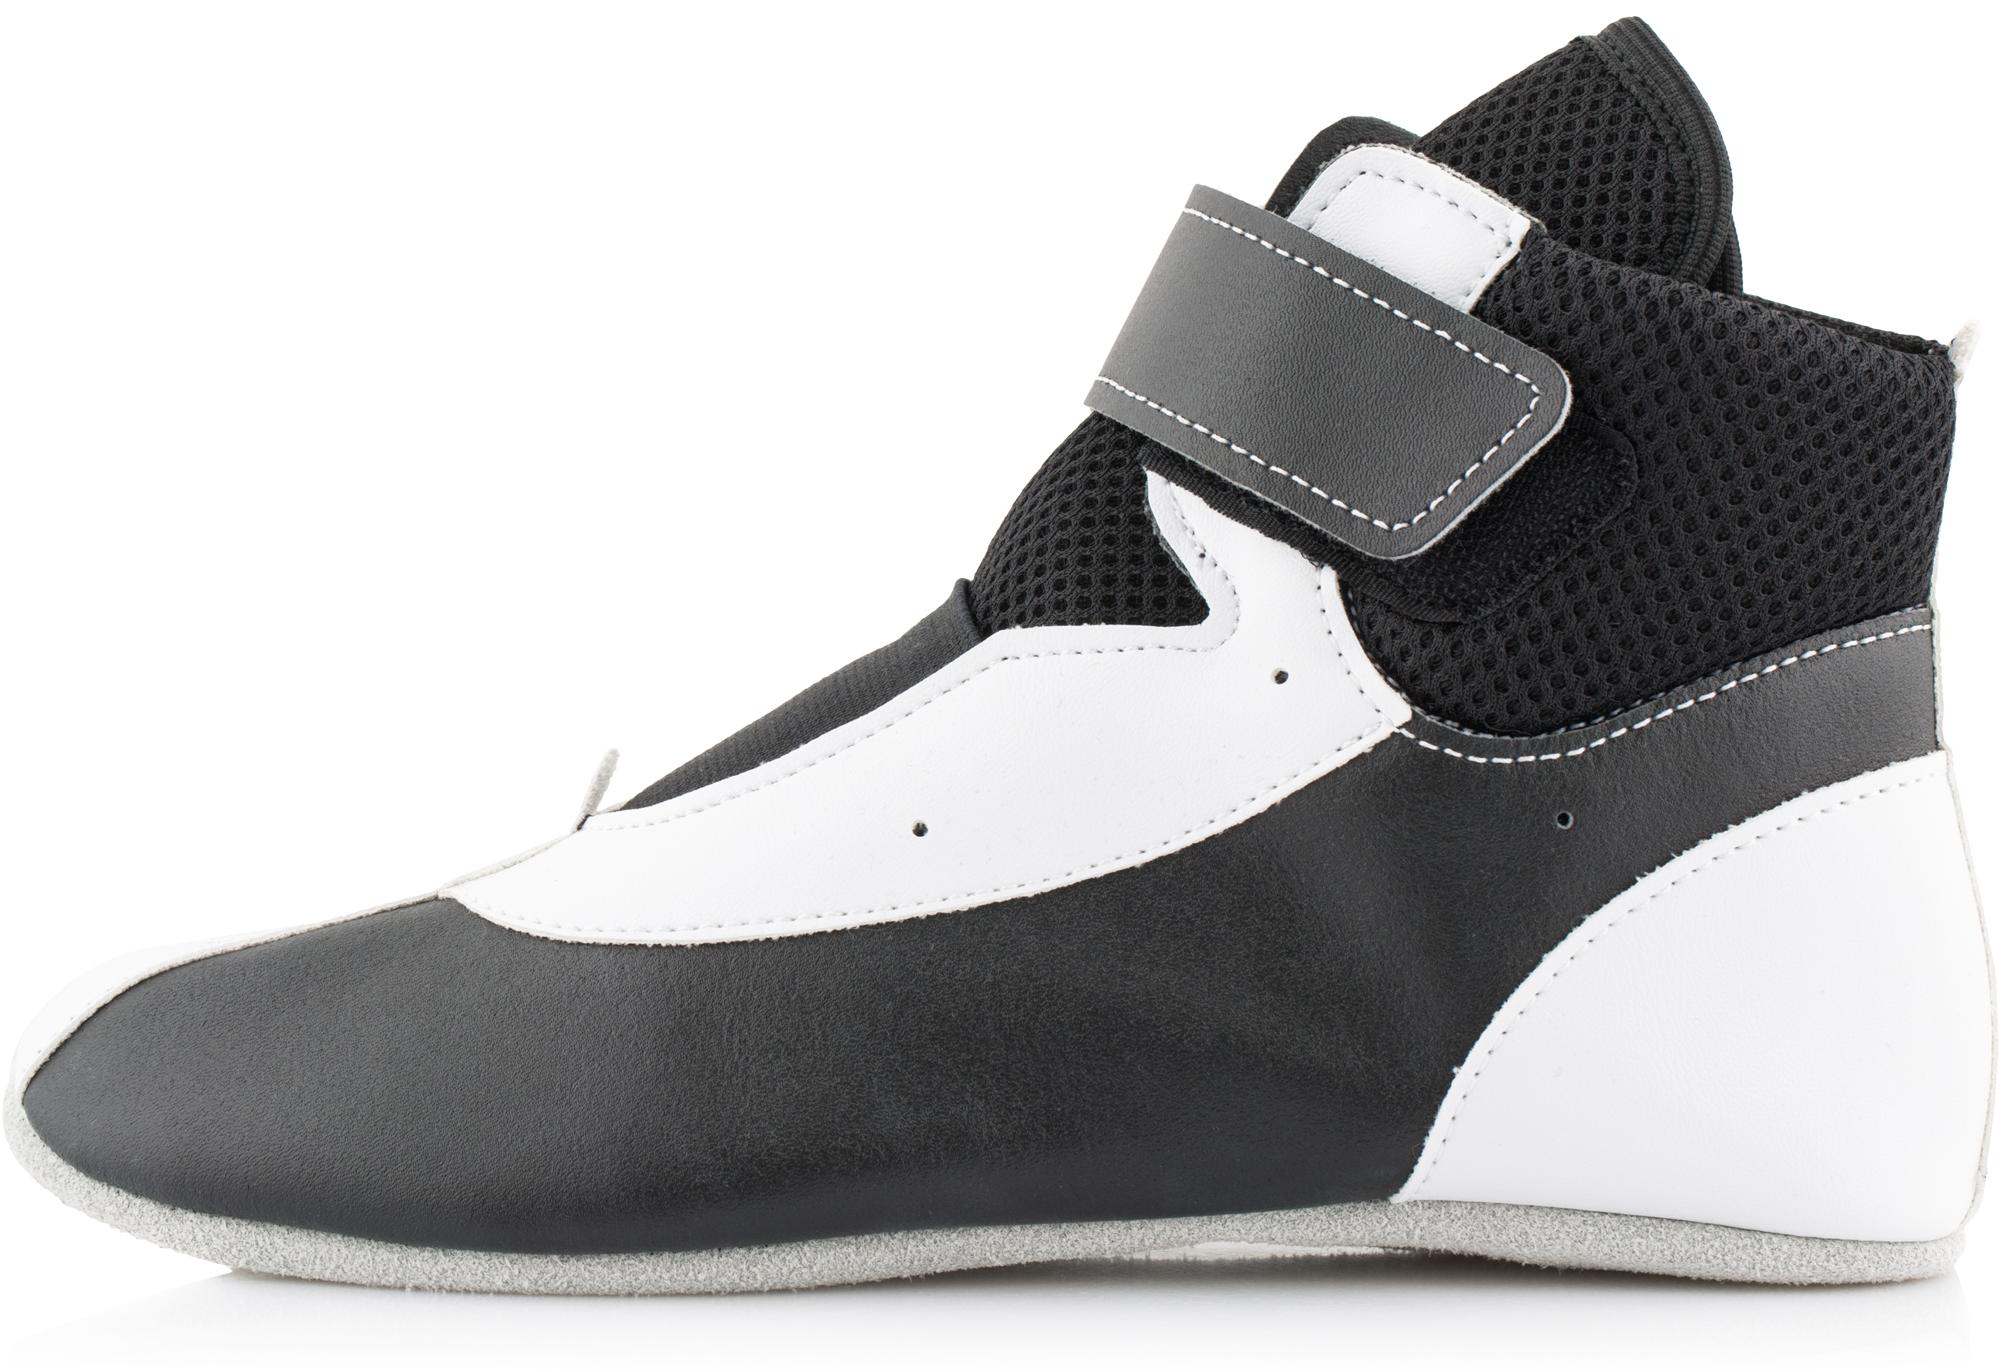 Авантаж Борцовки для мальчиков Авантаж обувь для мальчиков